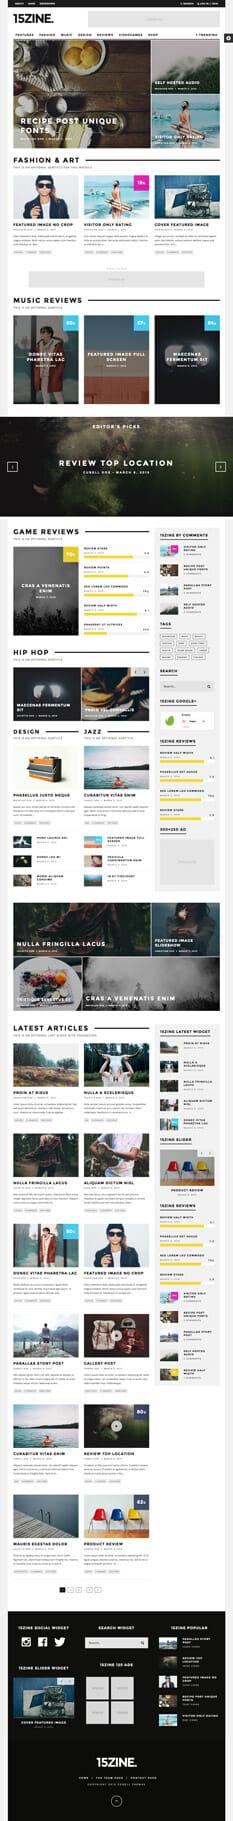 15zine - die besten Wordpress Themes 2016